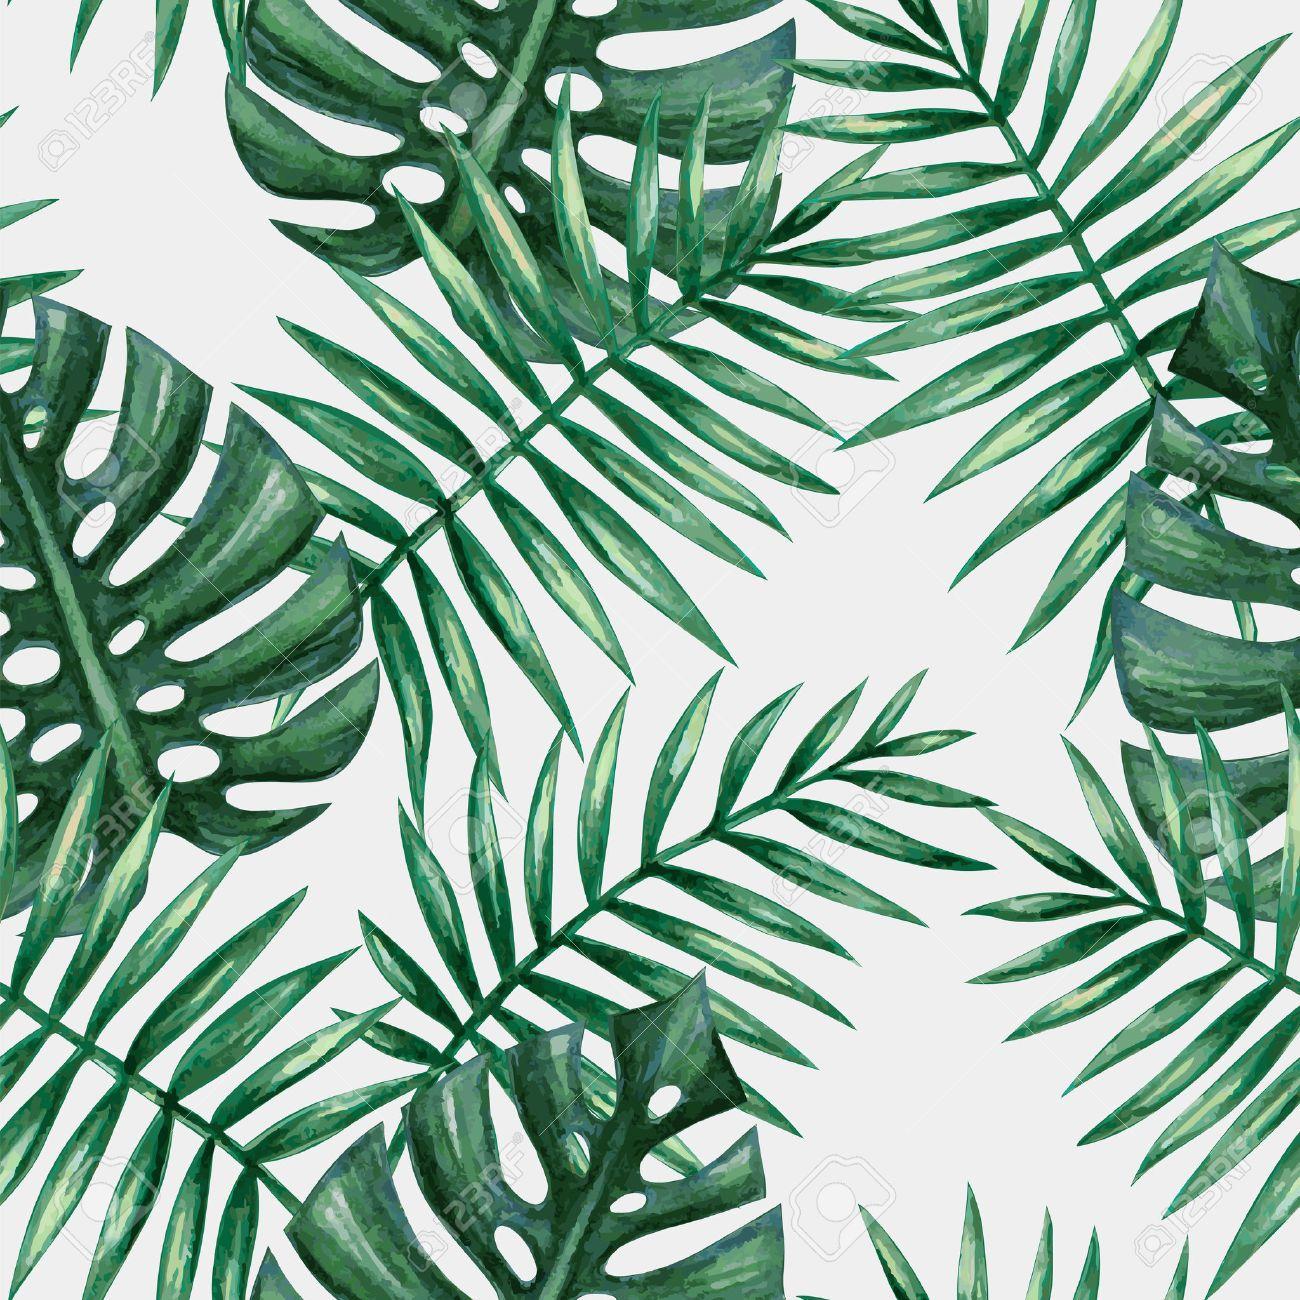 Image Result For Tropical Palm Leaf Green Leaf Wallpaper Leaf